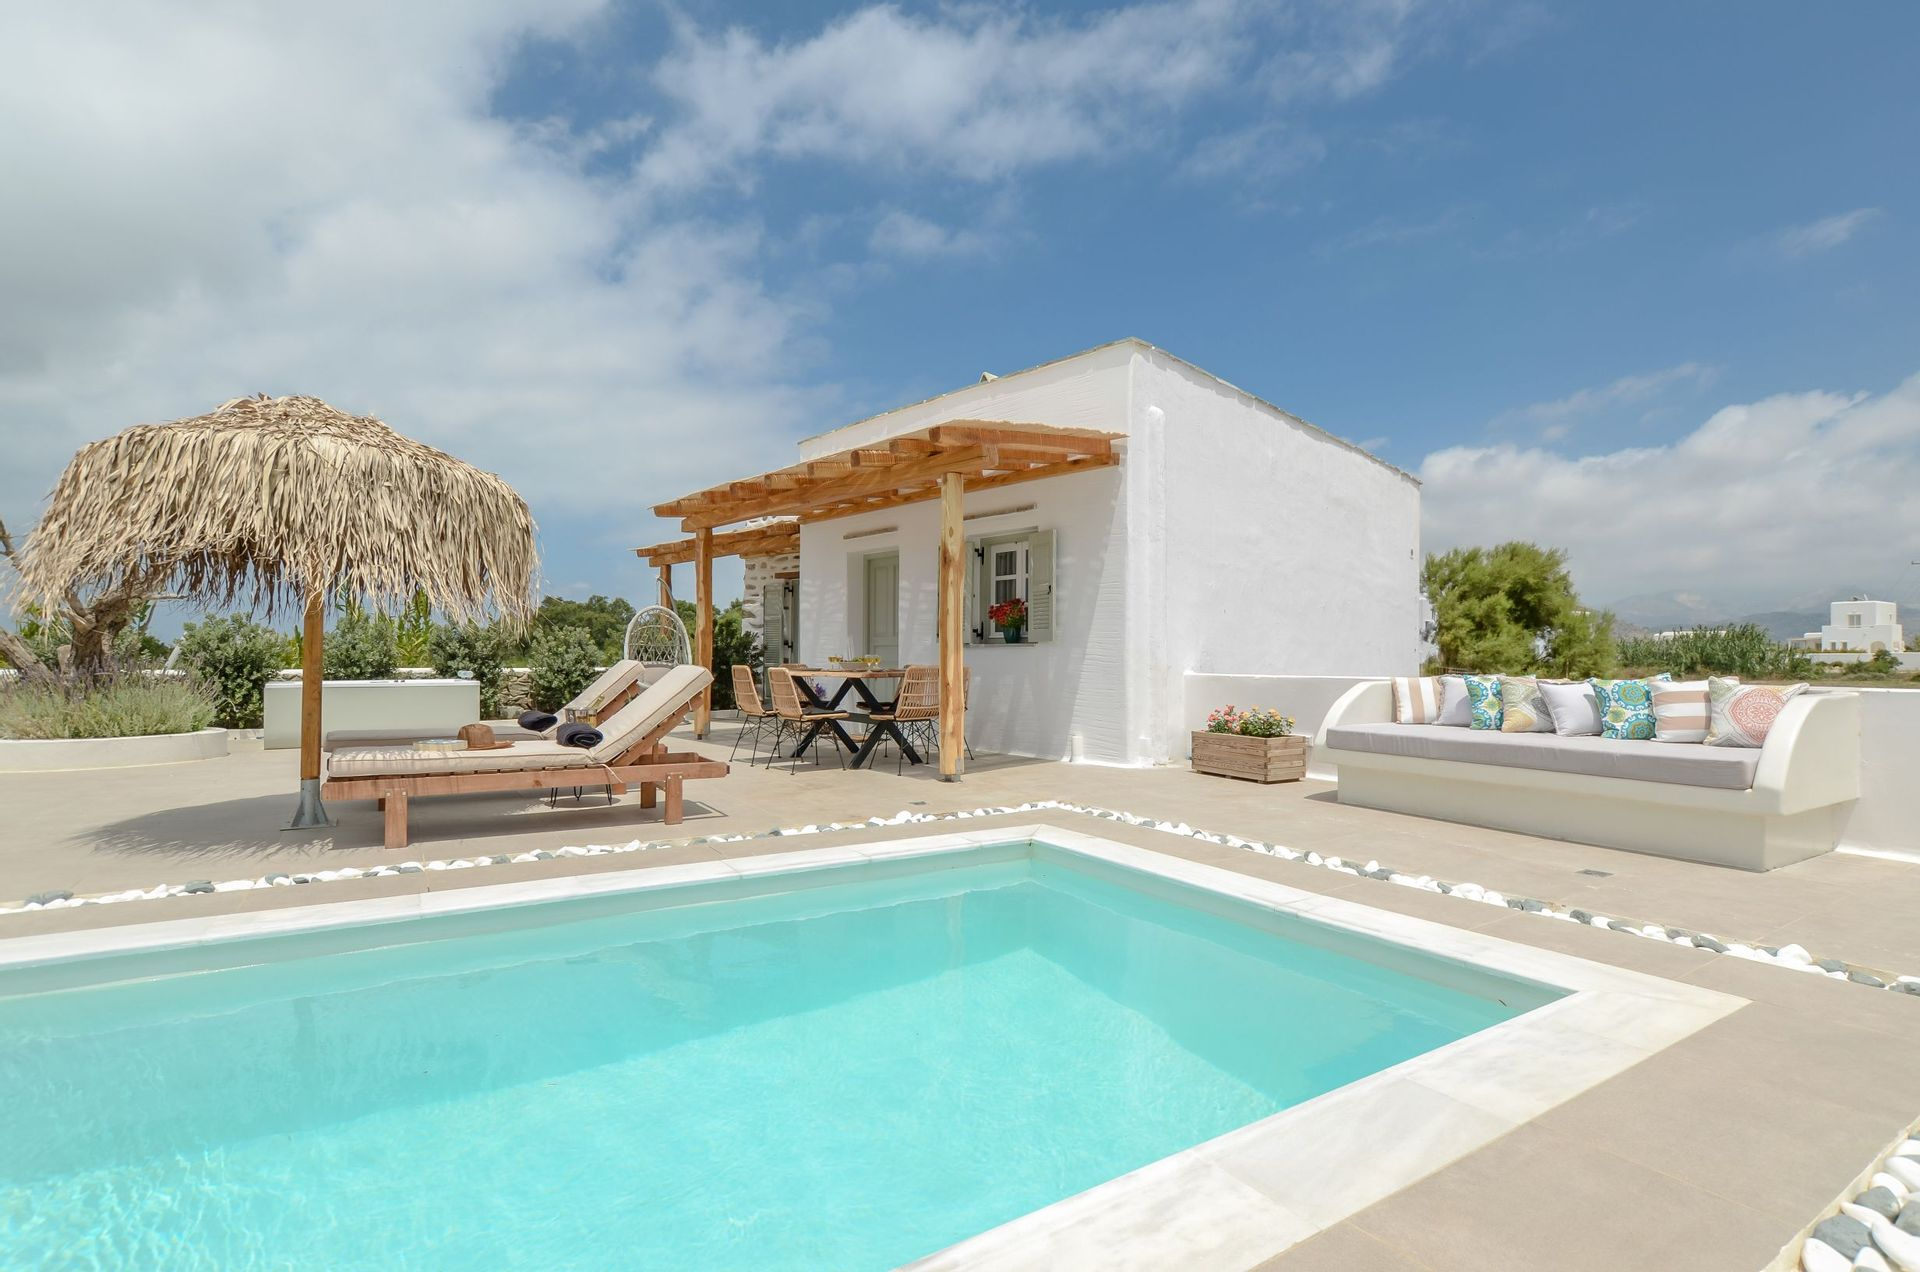 Naxos Finest Villa - Νάξος ✦ 2 Ημέρες (1 Διανυκτέρευση) ✦ έως 4 άτομα ✦ Πρωινό ✦ 01/07/2021 έως 31/07/2021 ✦ Κοντά σε παραλία!